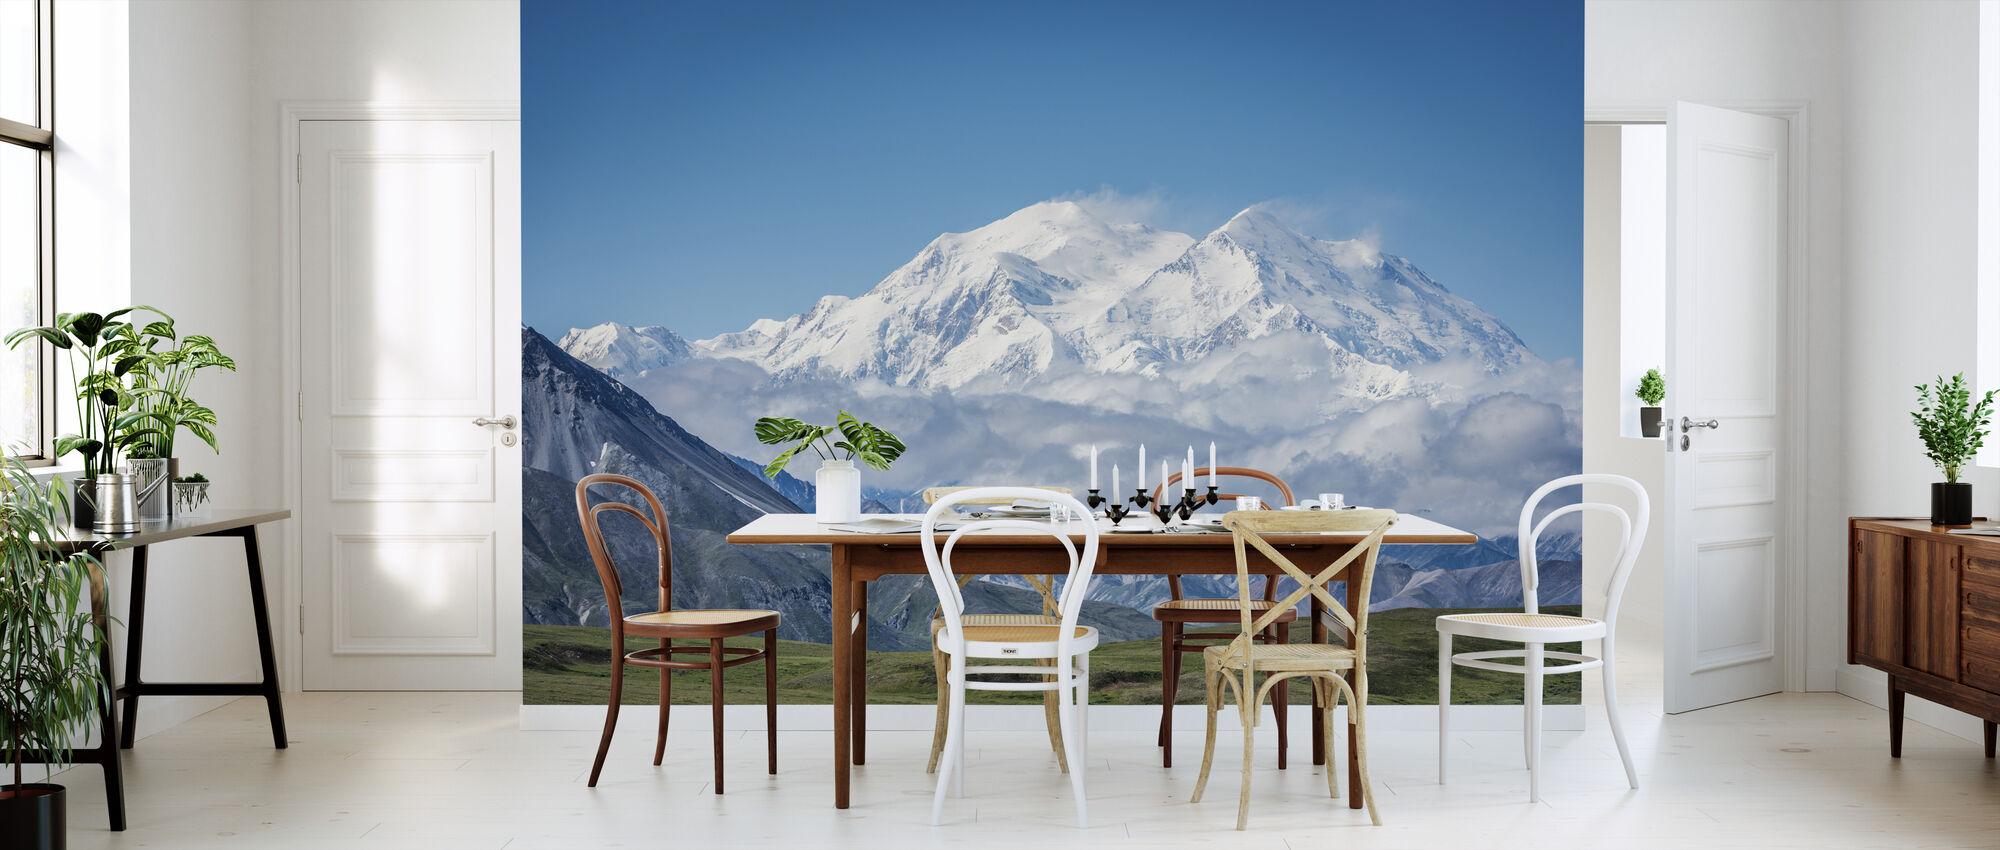 Mt Denali Alaska - Tapet - Kjøkken